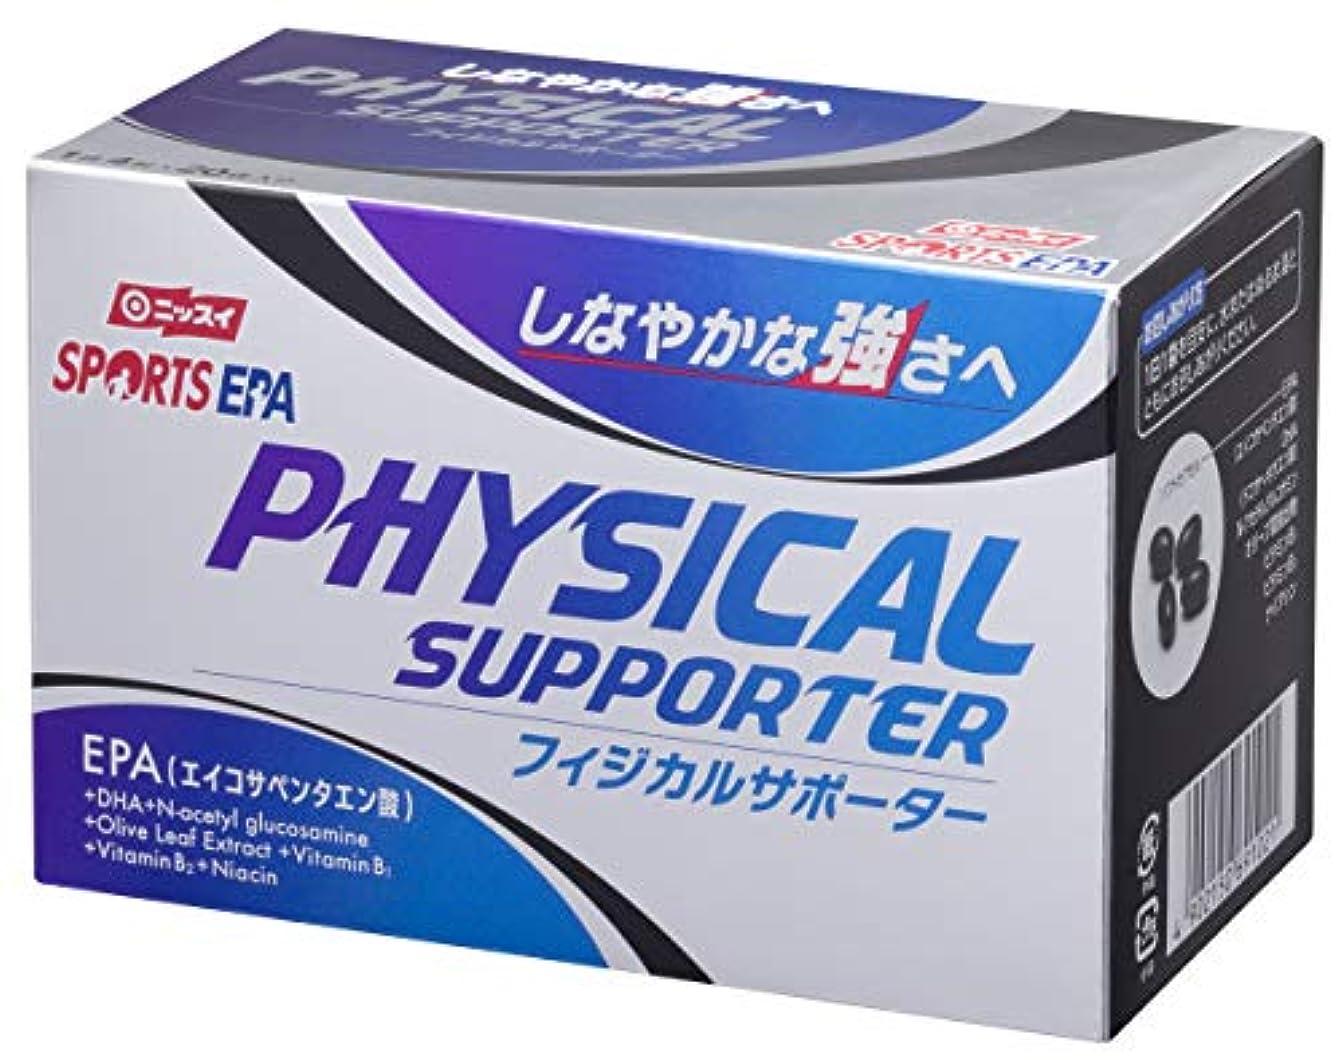 アセンブリ夜明け序文SPORTS EPA フィジカルサポーター(分包) 4粒入り×20袋